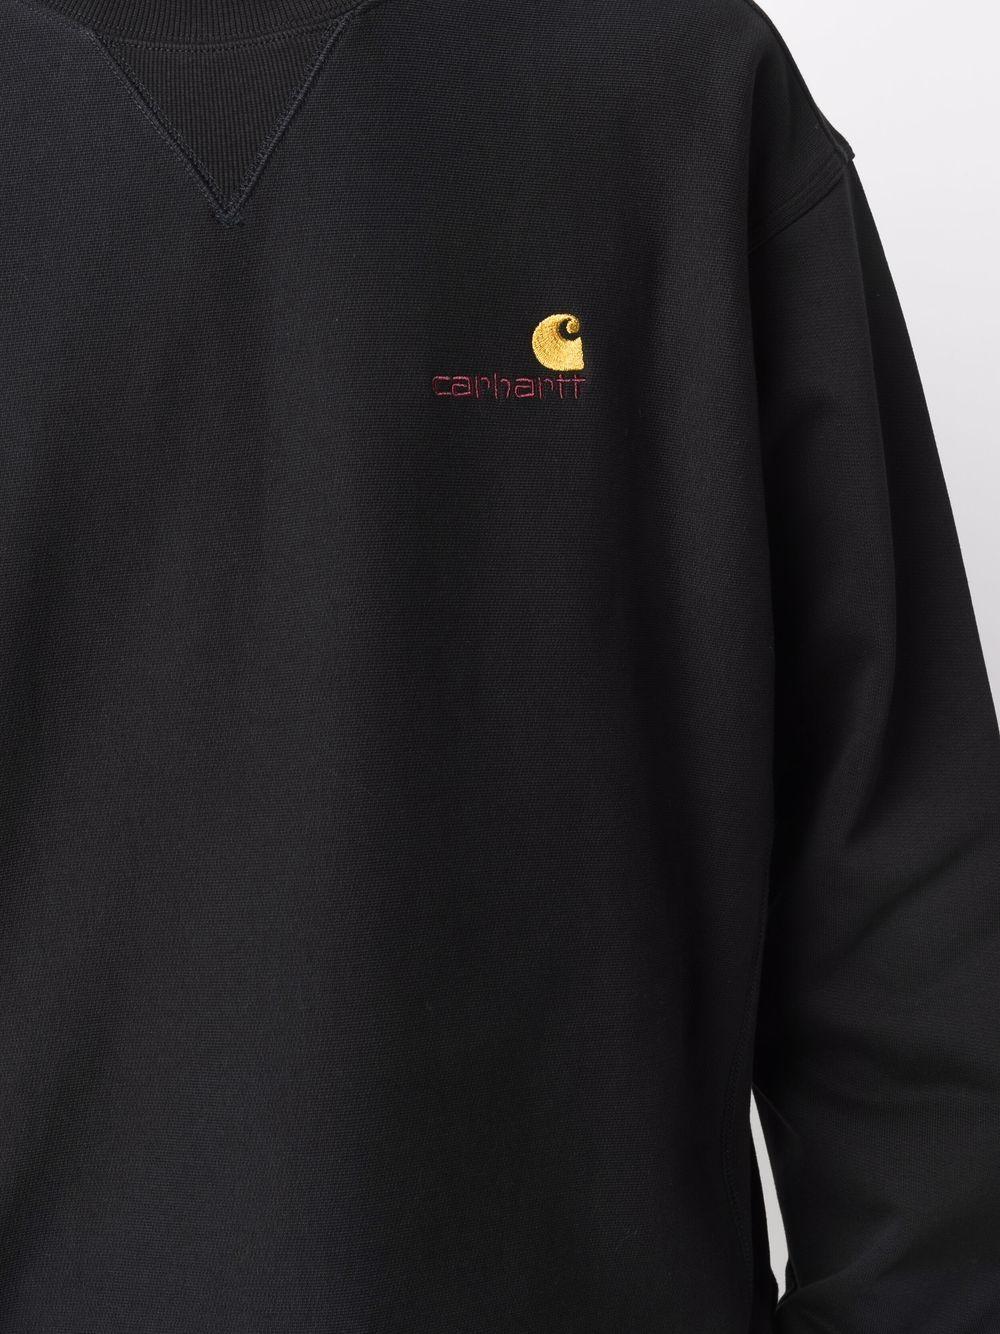 sweatshirt man black CARHARTT WIP   Sweatshirts   I02547589.XX